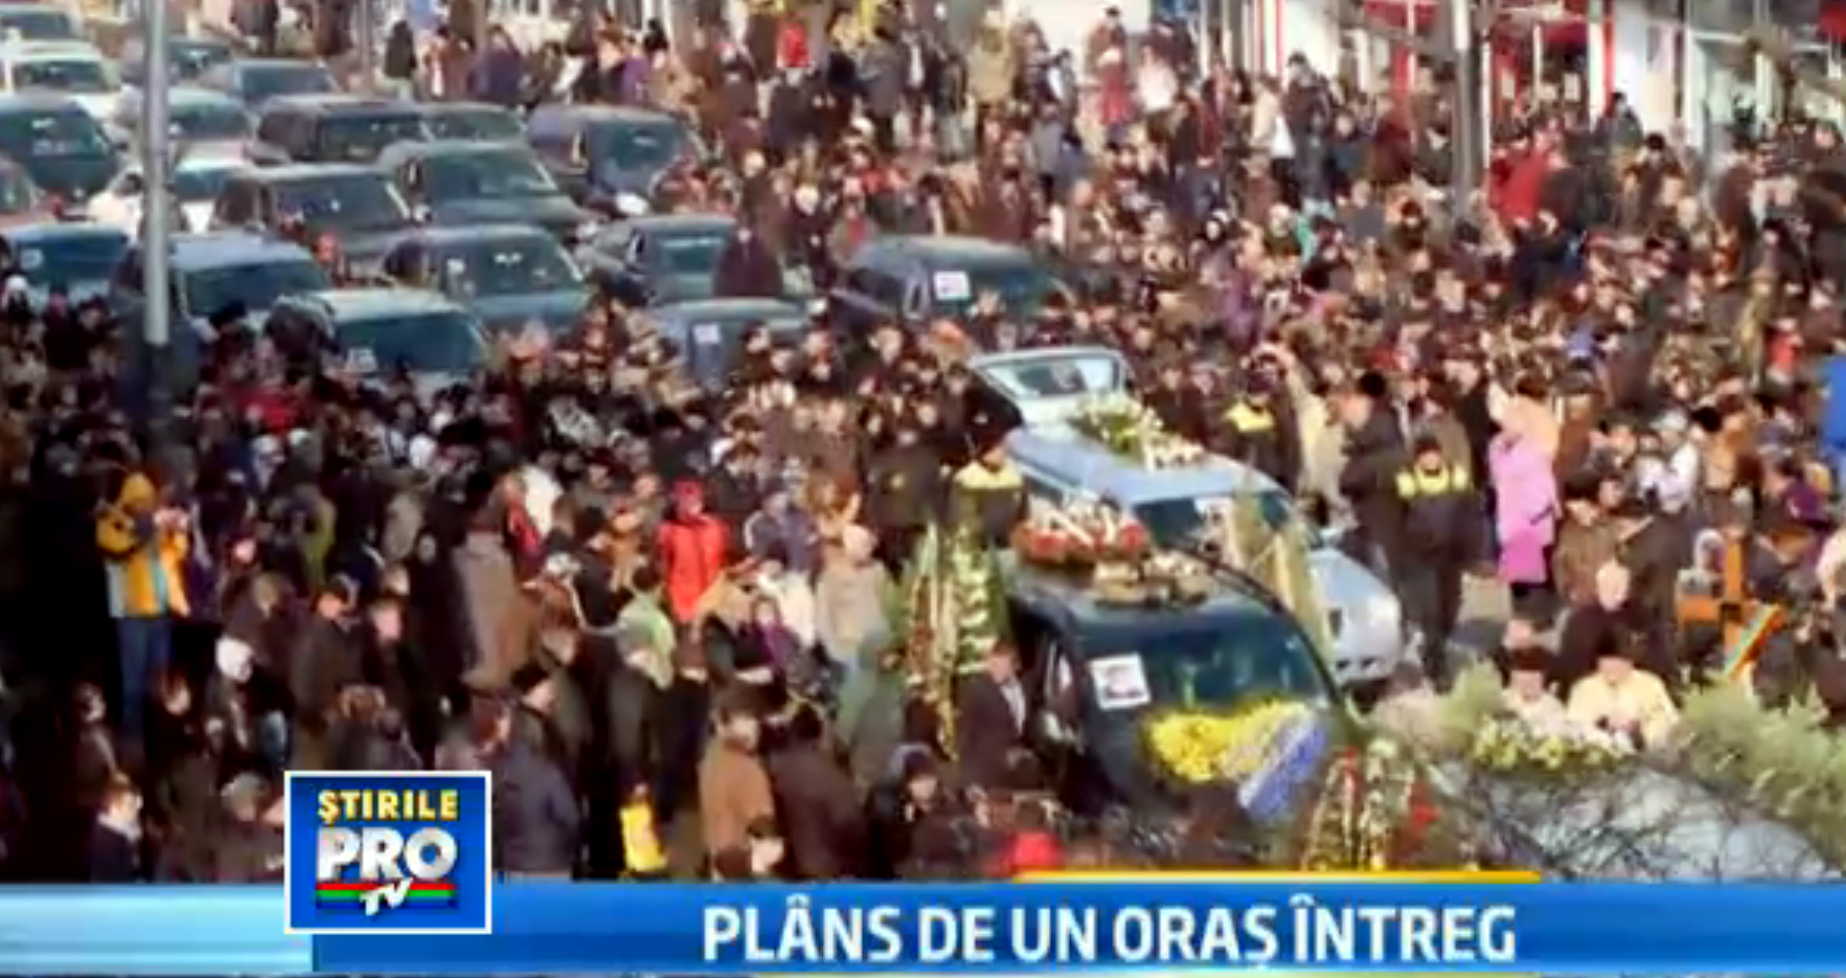 Mii de oameni au participat la inmormantarea lui Dumitru Sechelariu